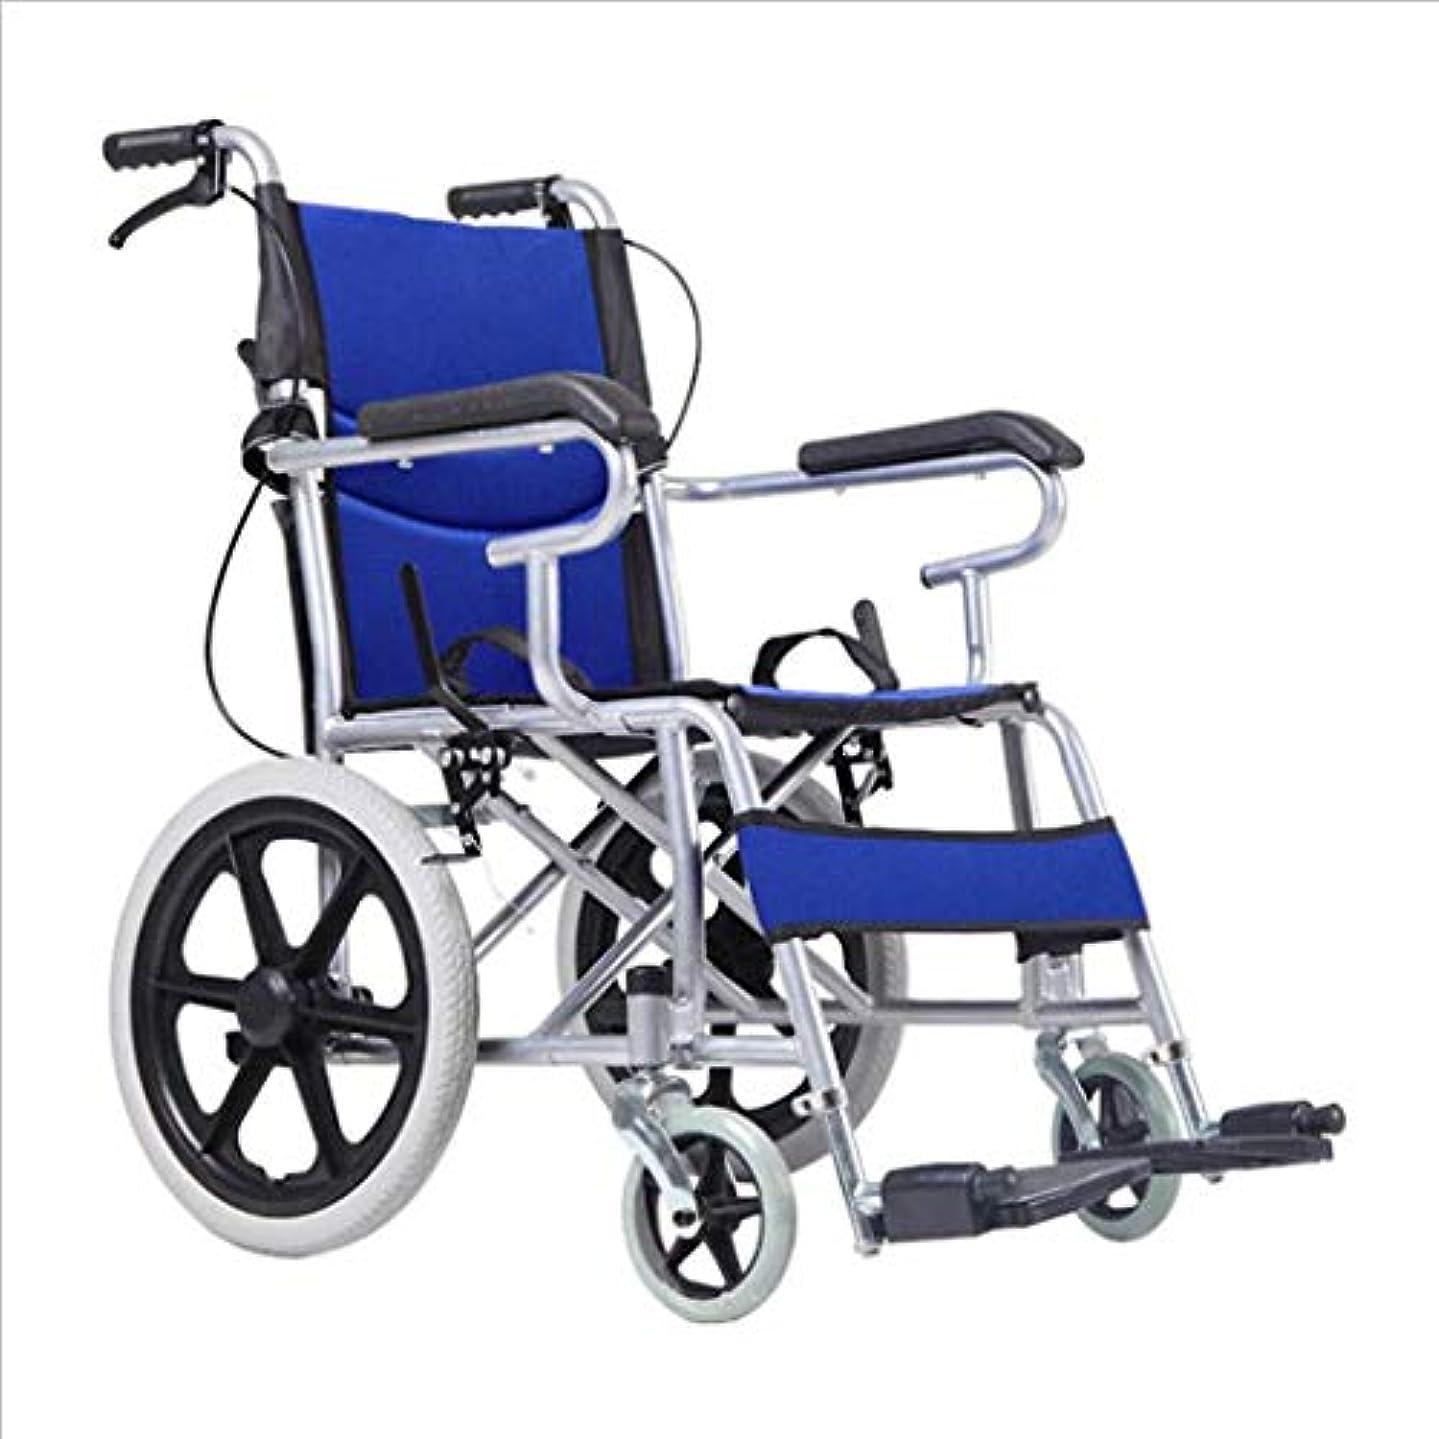 冷凍庫船員一貫した車椅子折り畳み式ソリッドタイヤ軽量でインフレータブルフリー高齢者身体障害者旅行折り畳み式折り畳み式車椅子